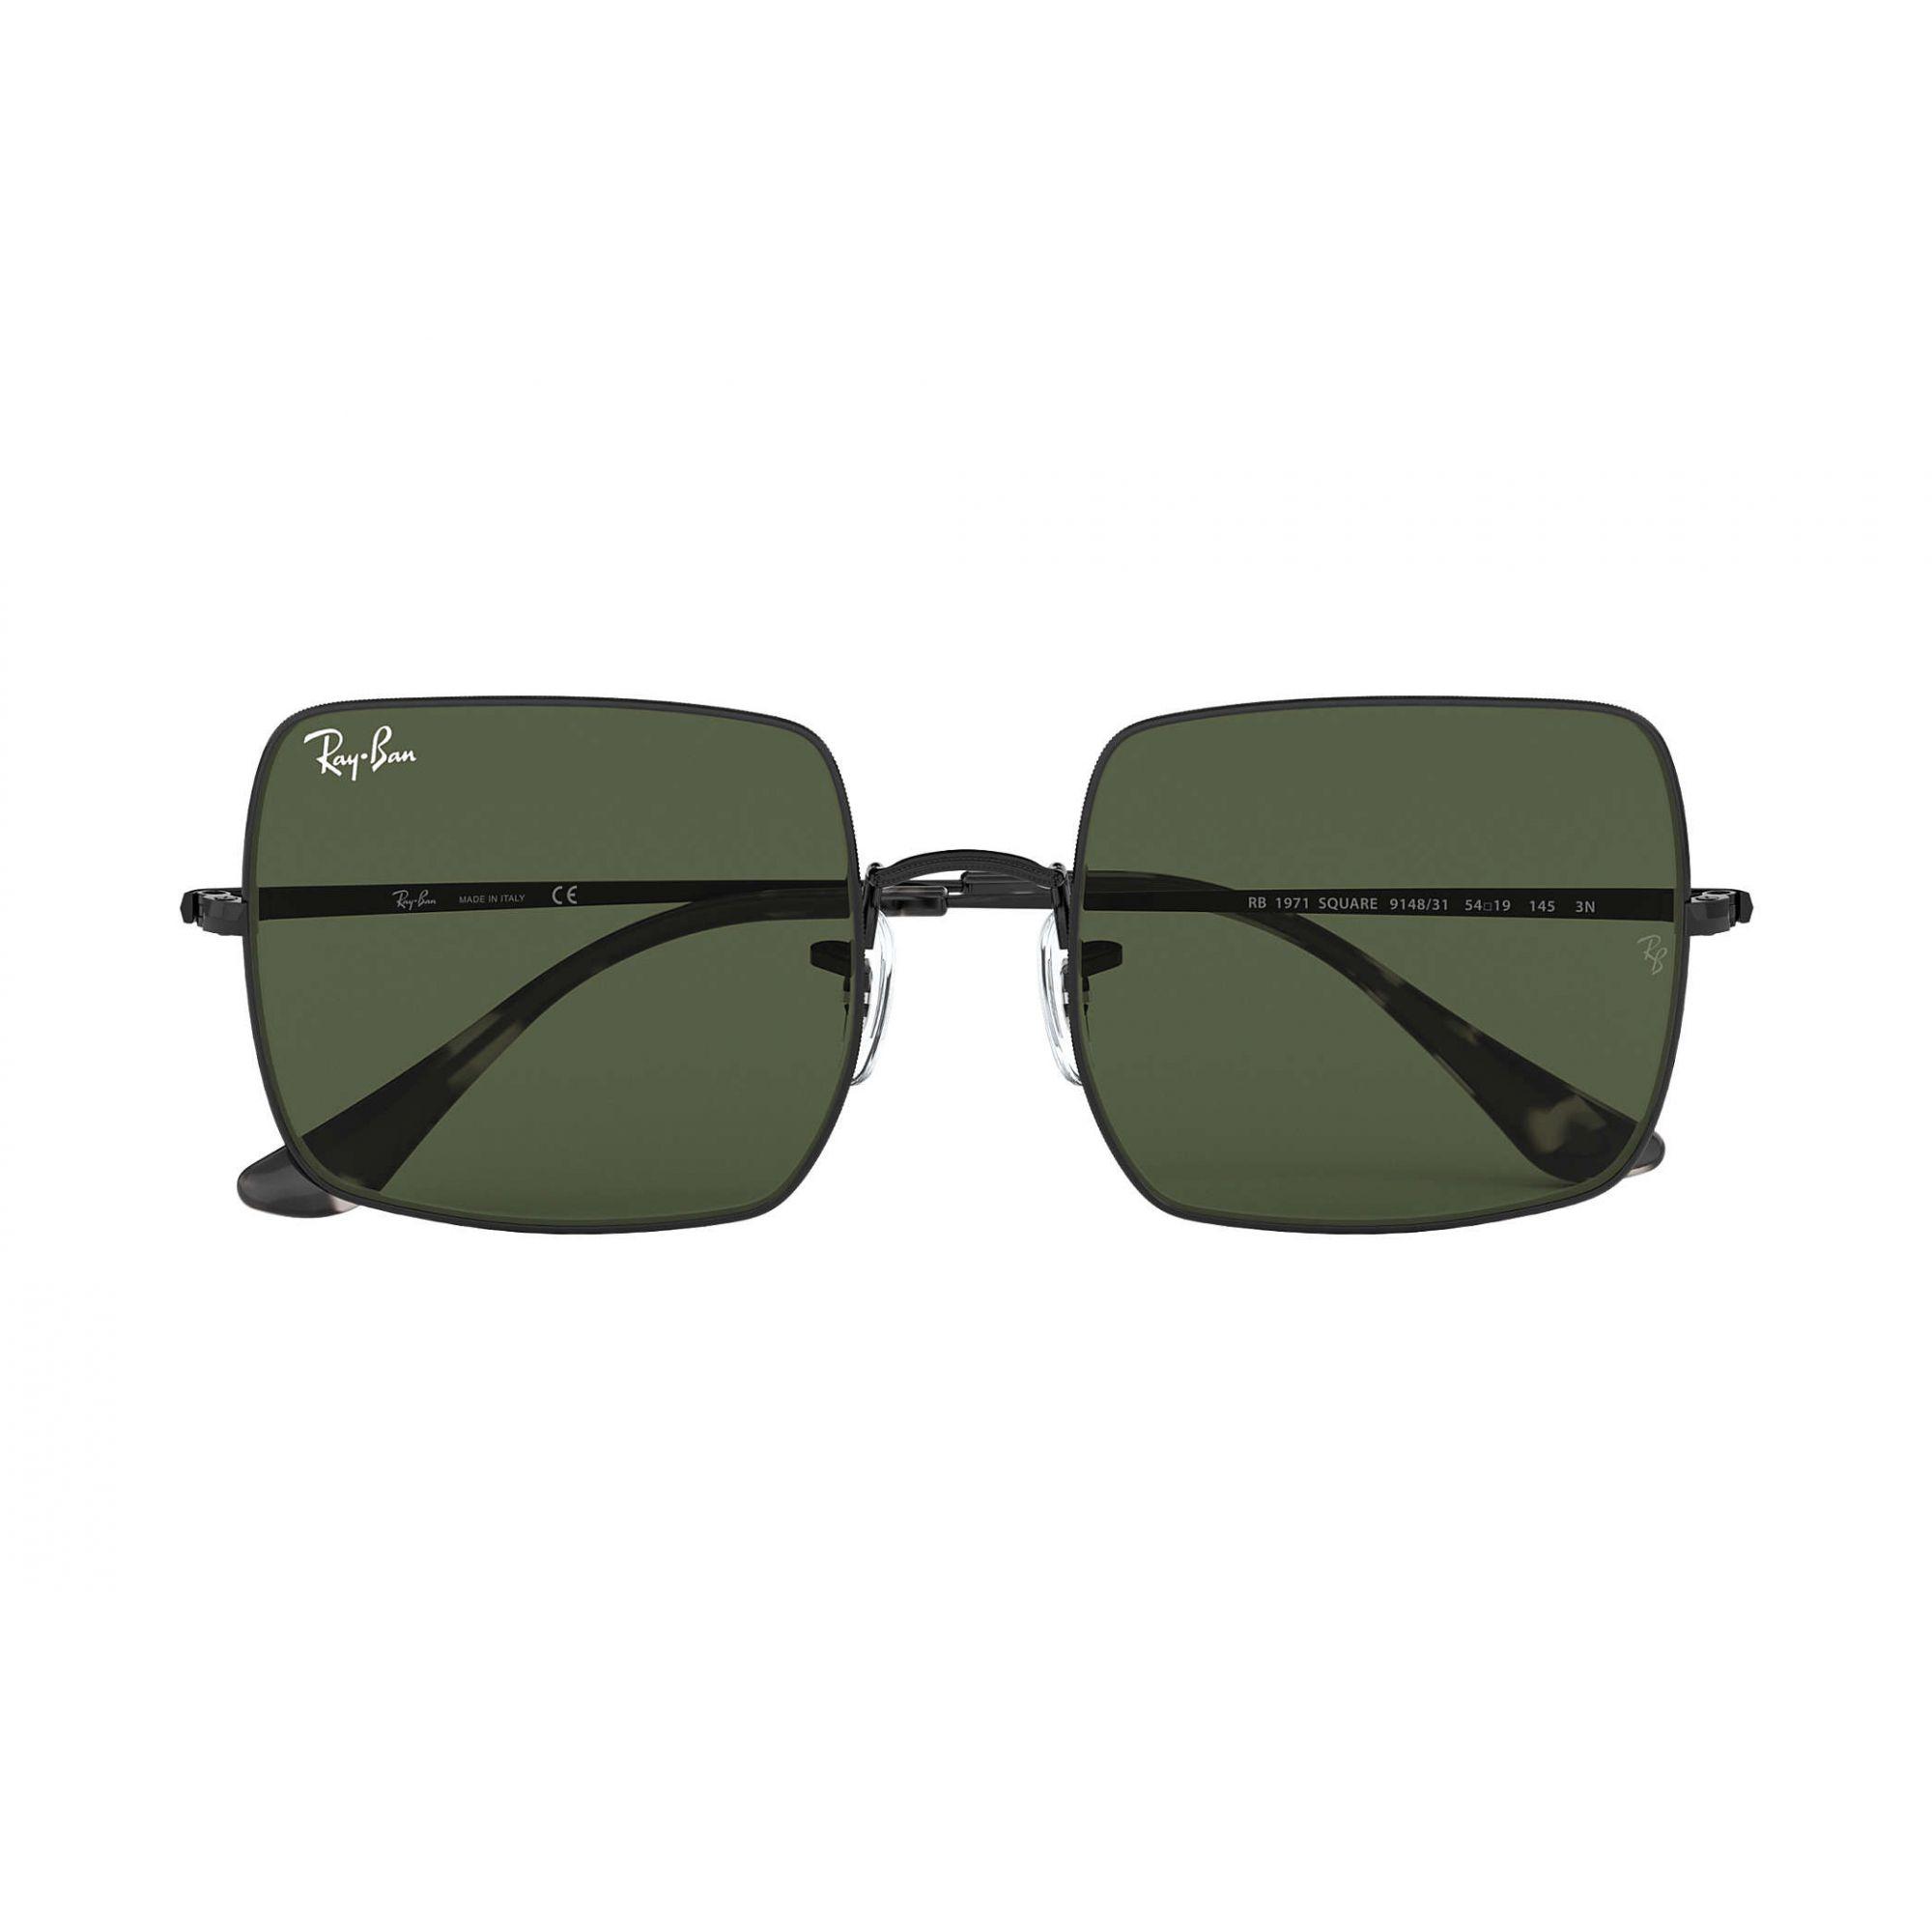 Ray Ban - RB1971 914831 - Óculos de sol